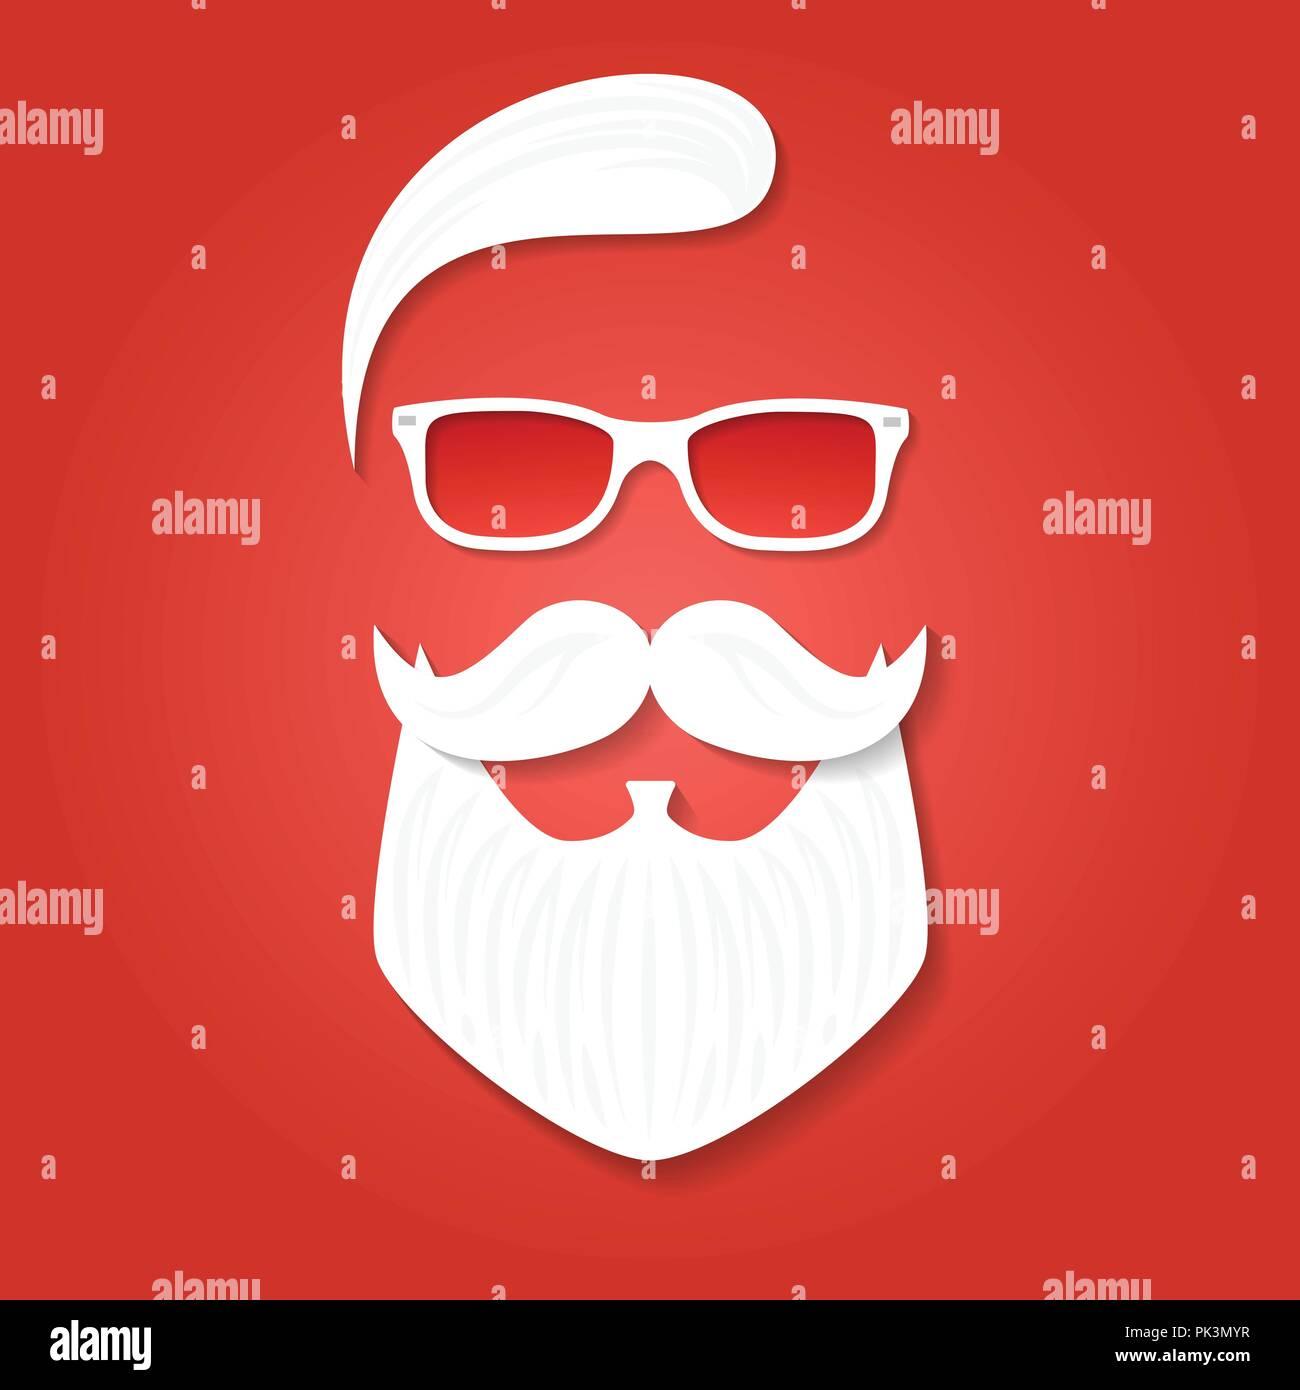 Plantilla De Tarjeta De Felicitación De Navidad Santa Claus